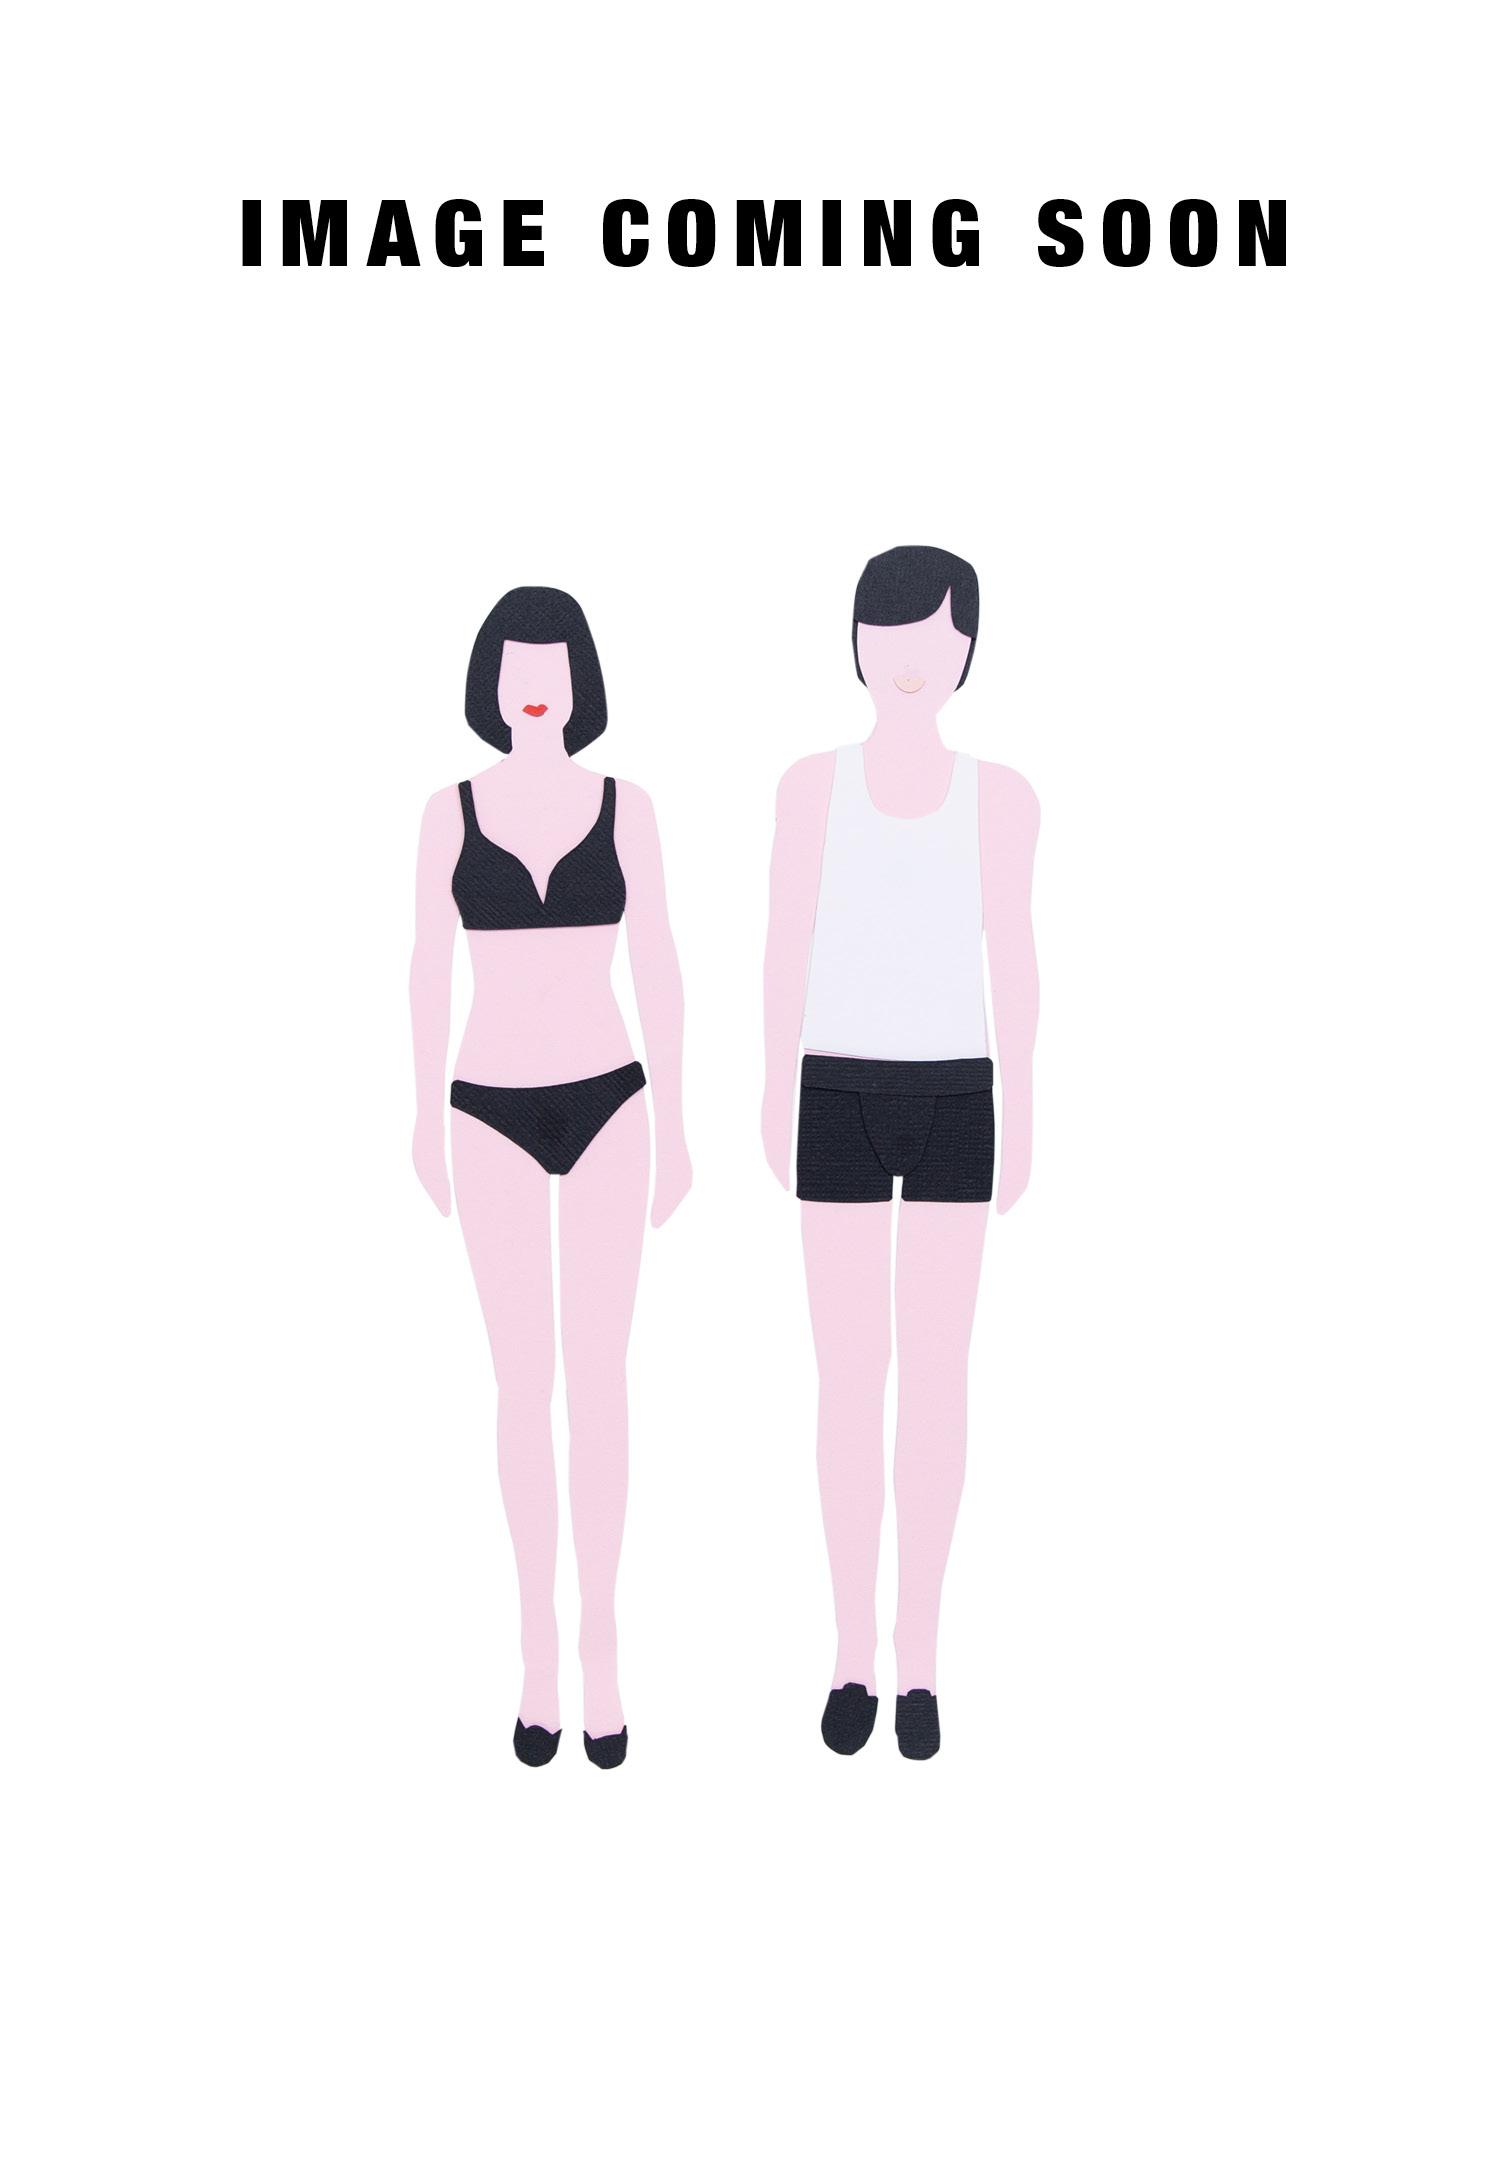 Skiny_Basic_M_Sloungewear_vneckshirtsslv_086772_085593_060.jpg